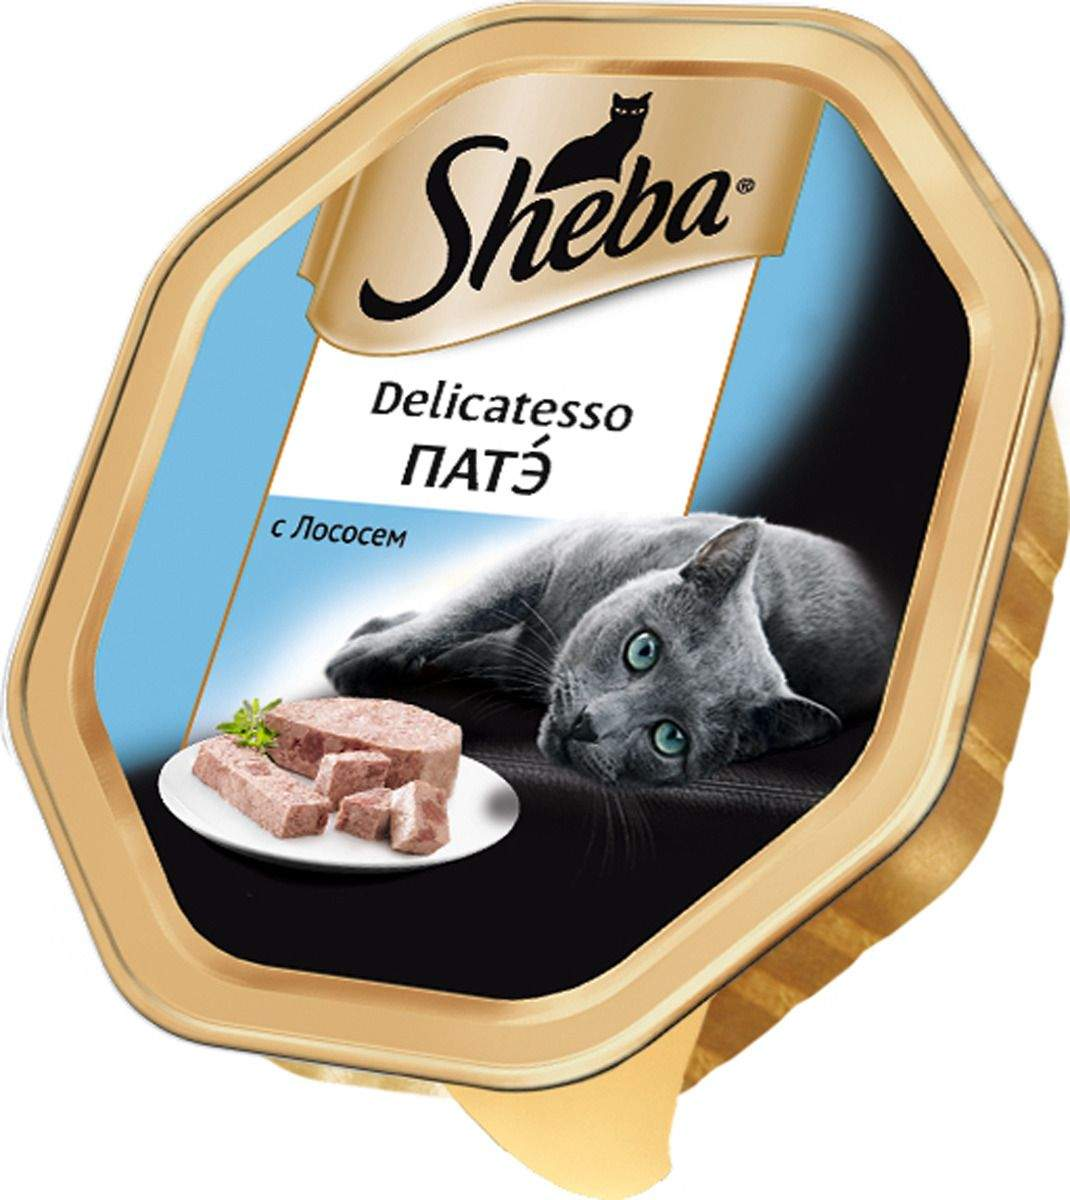 Корм для кошек шеба: отзывы ветеринаров и заводчиков — 4 лапки